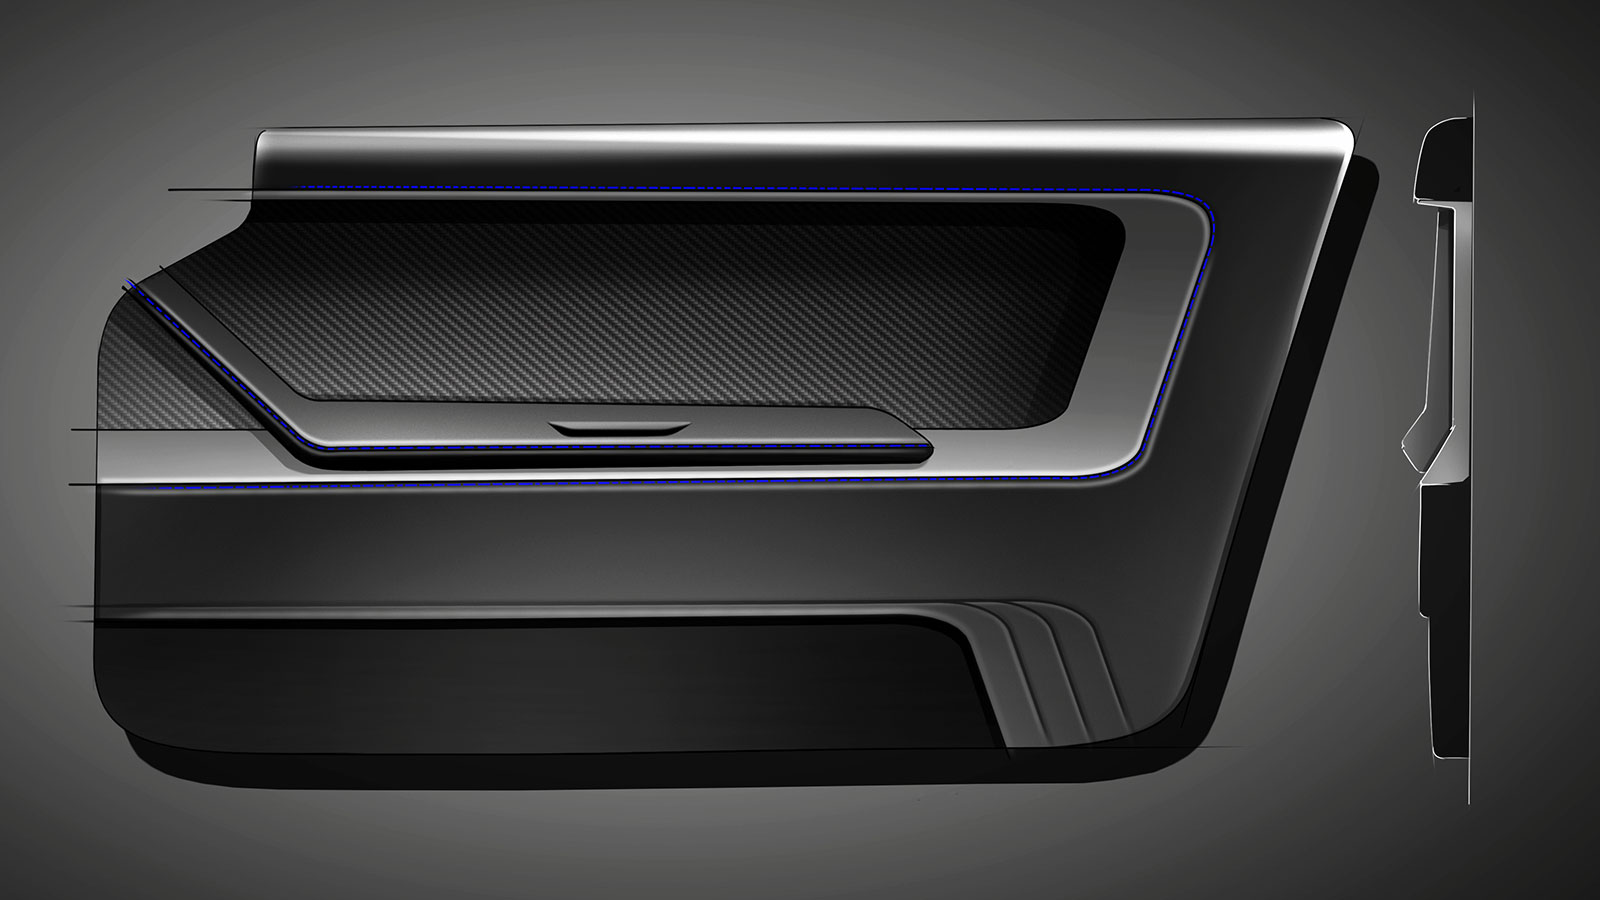 interior-door-panel-concept